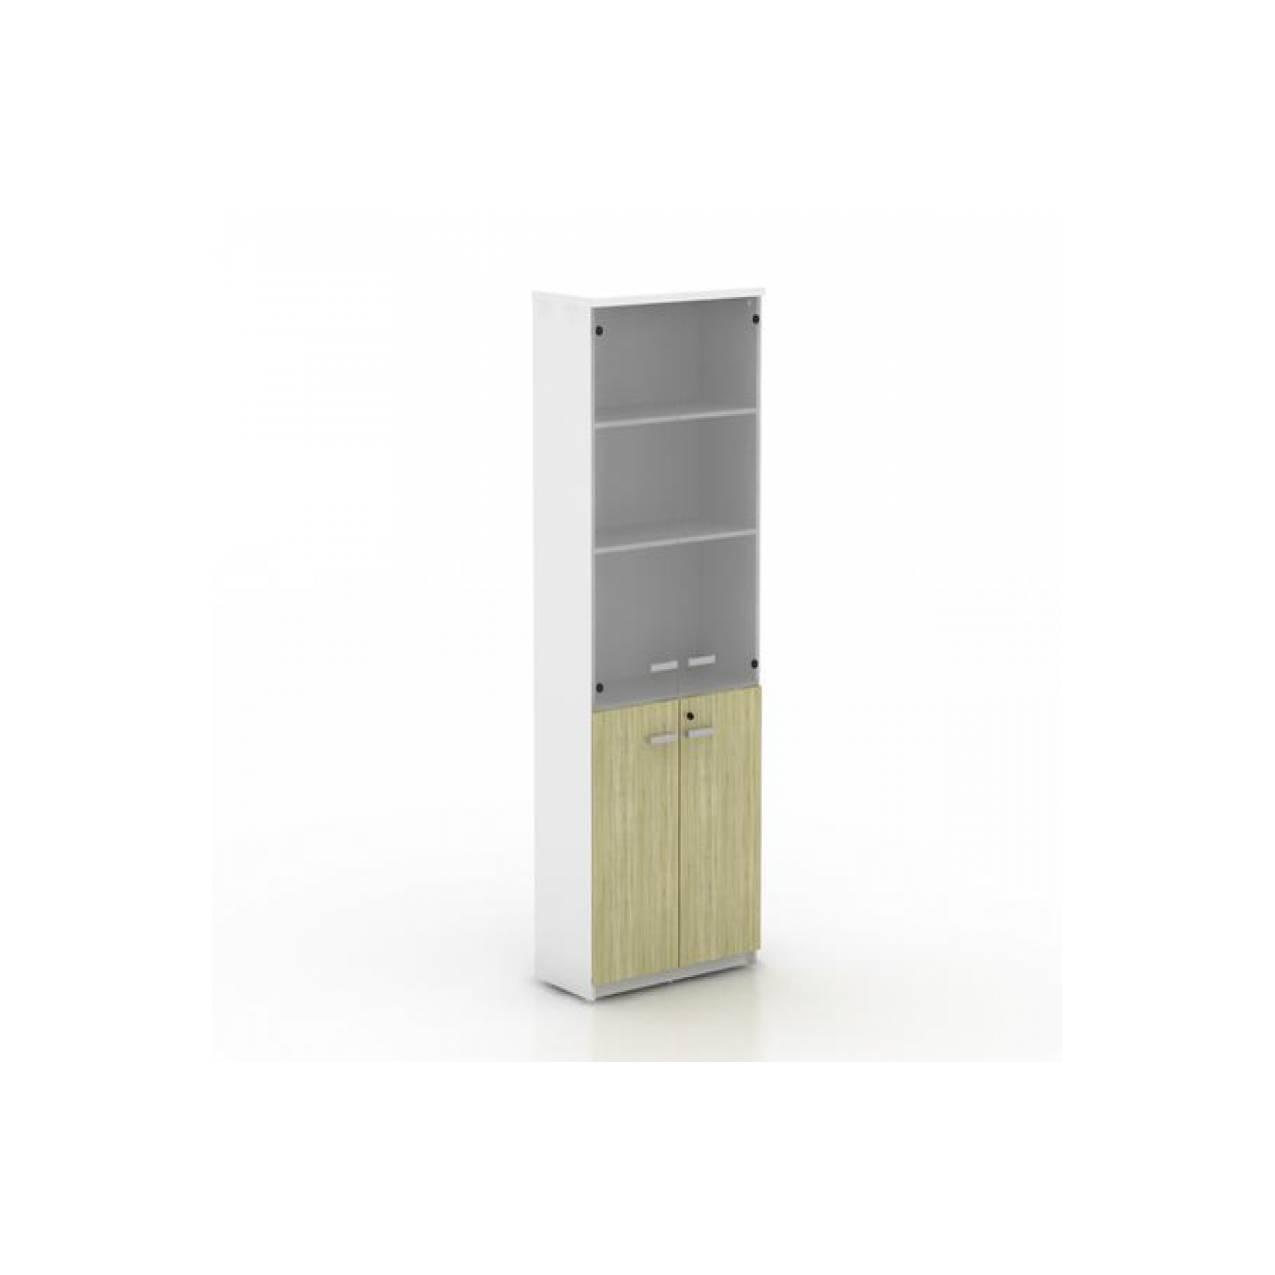 lemari arsip tinggi kayu modera powell atas pintu kaca bawah panel